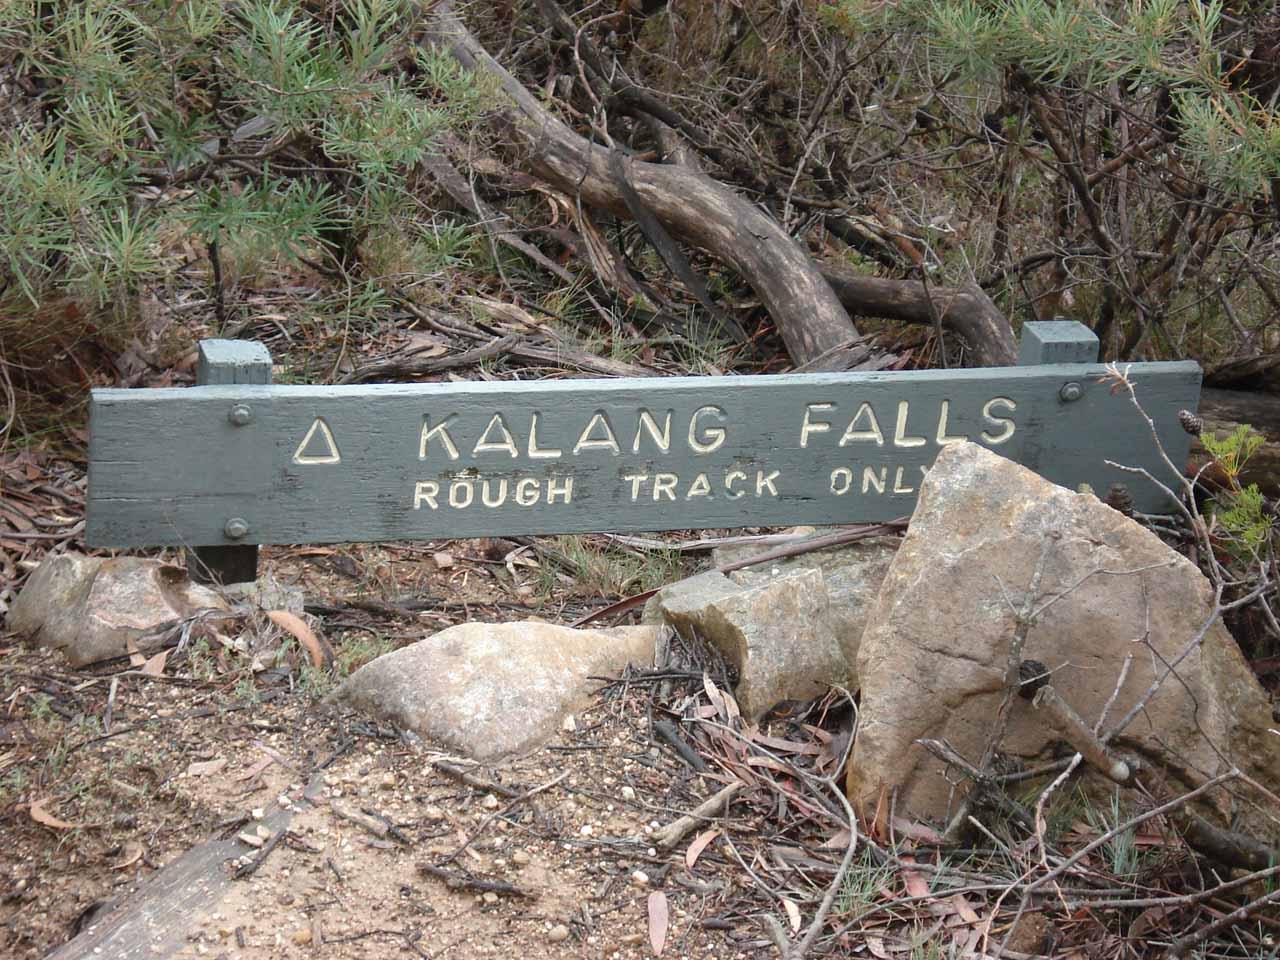 The Kalang Falls sign